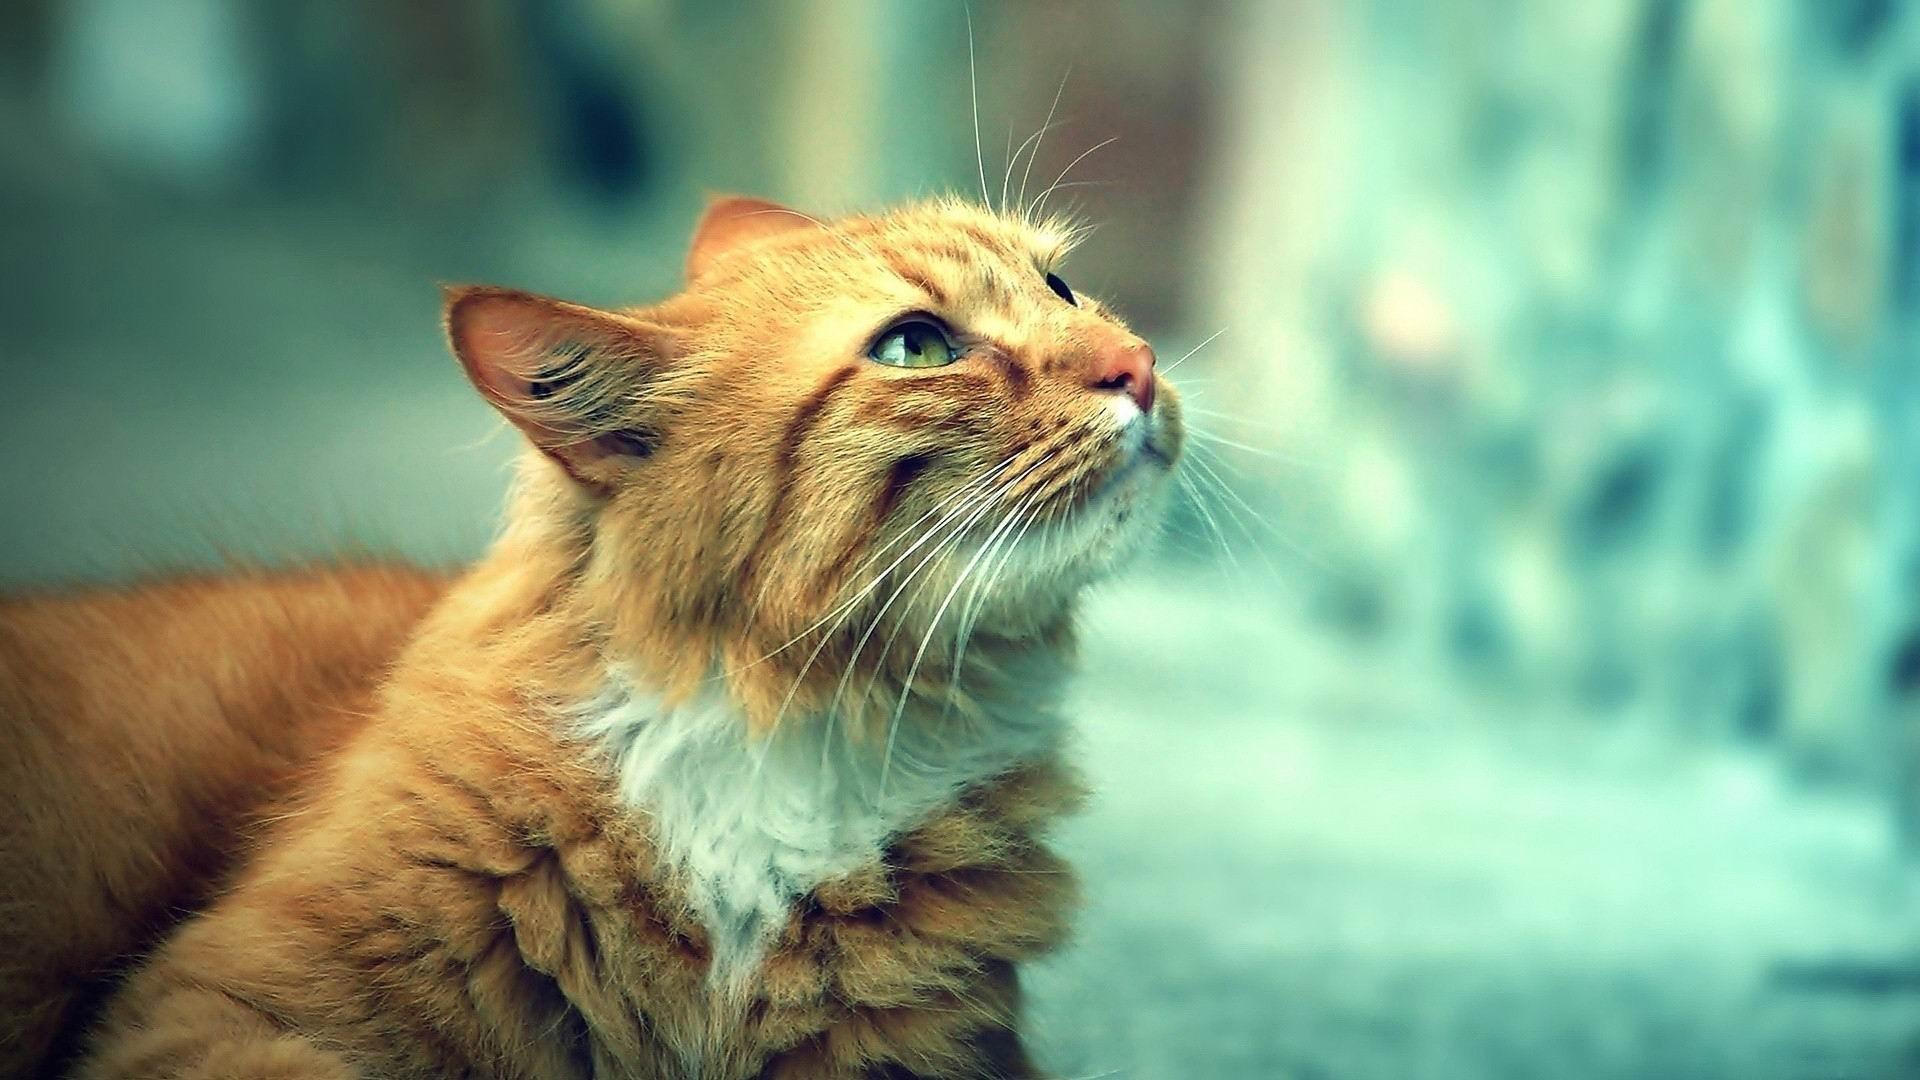 かわいいオレンジ色の猫 動物写真の壁紙プレビュー